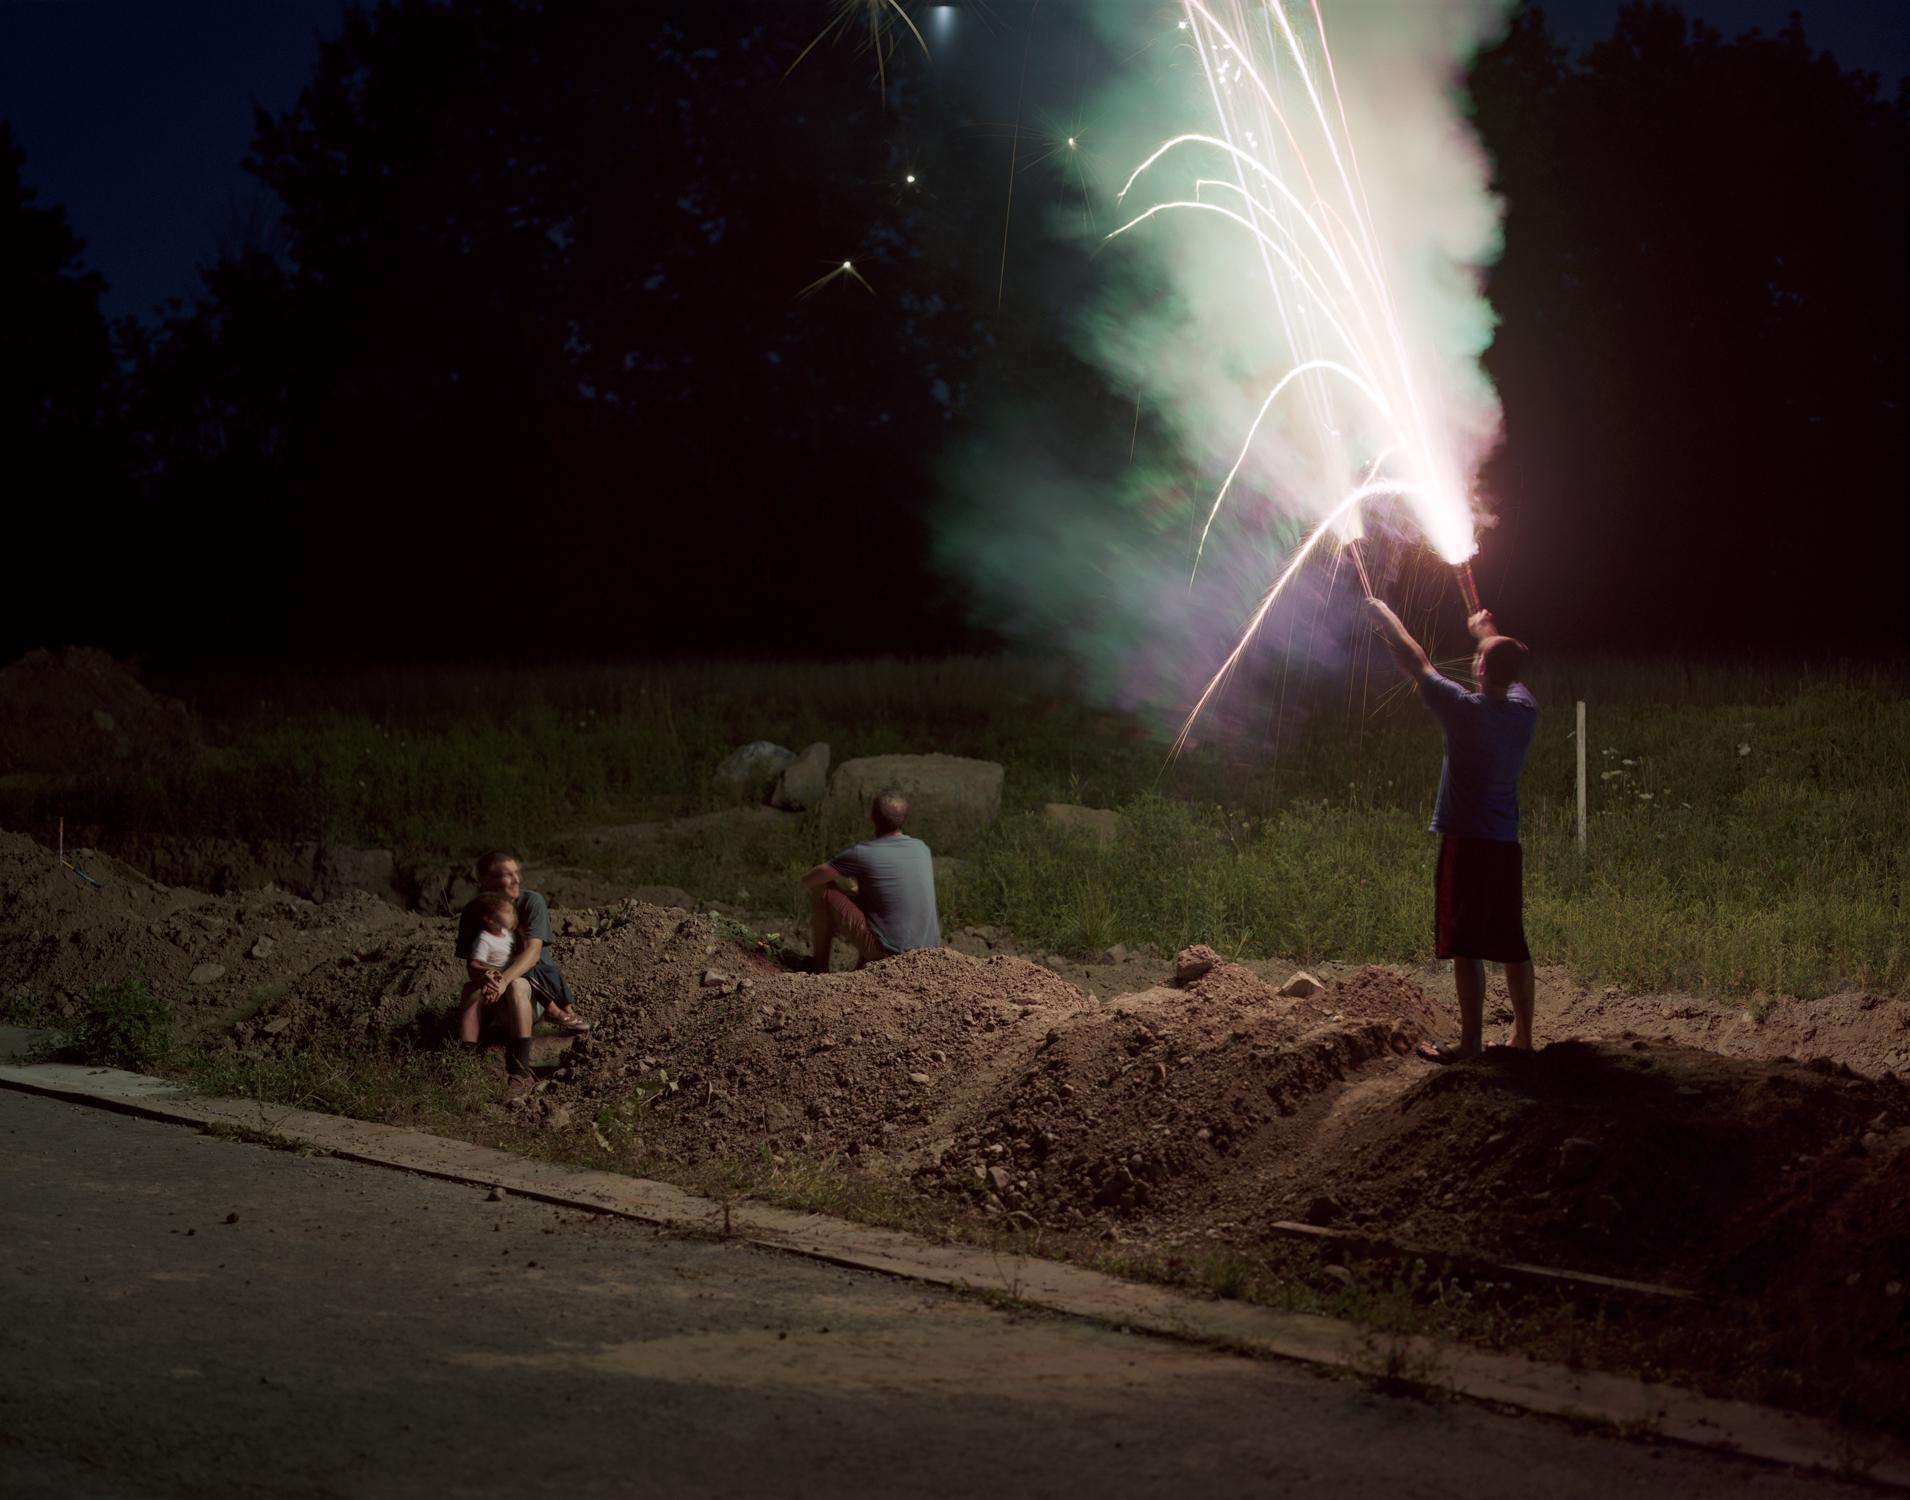 Fireworks001V2.jpg